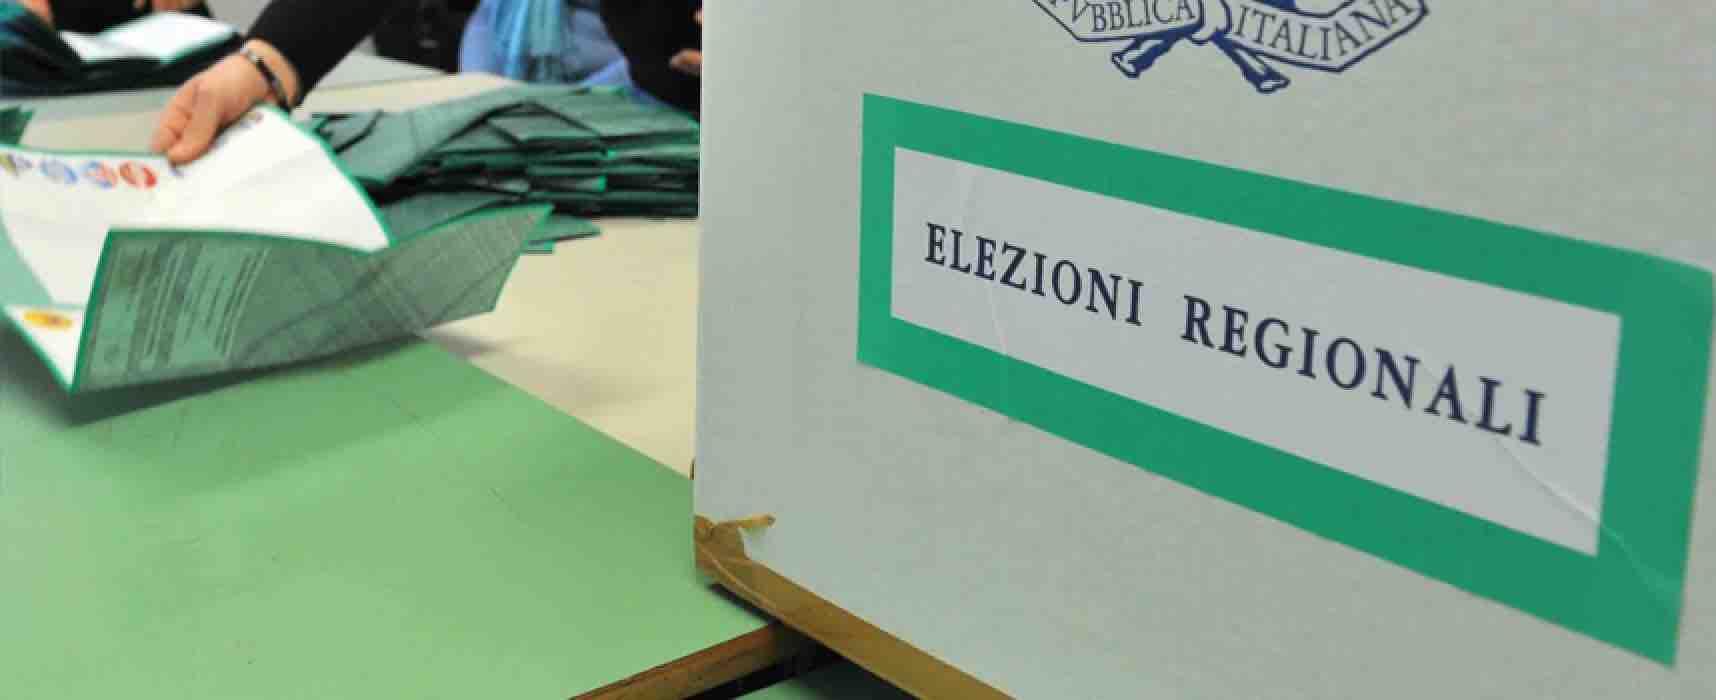 Elezioni Regionali 2019 Data Dove E Quando Si Vota Il Calendario